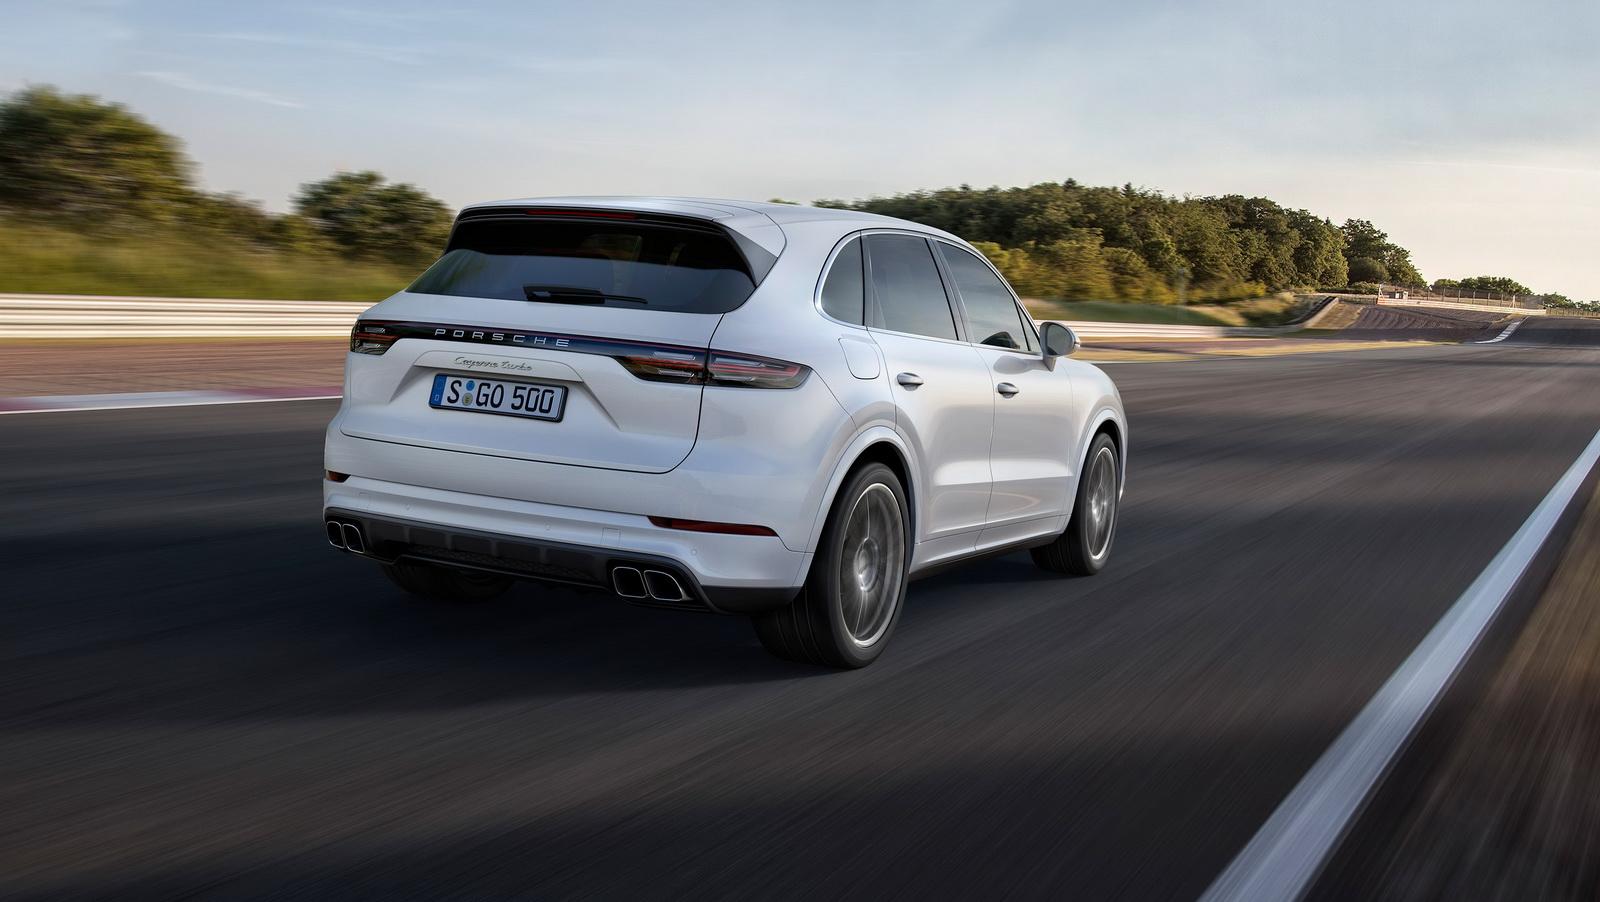 2018_Porsche_Cayenne_Turbo_13